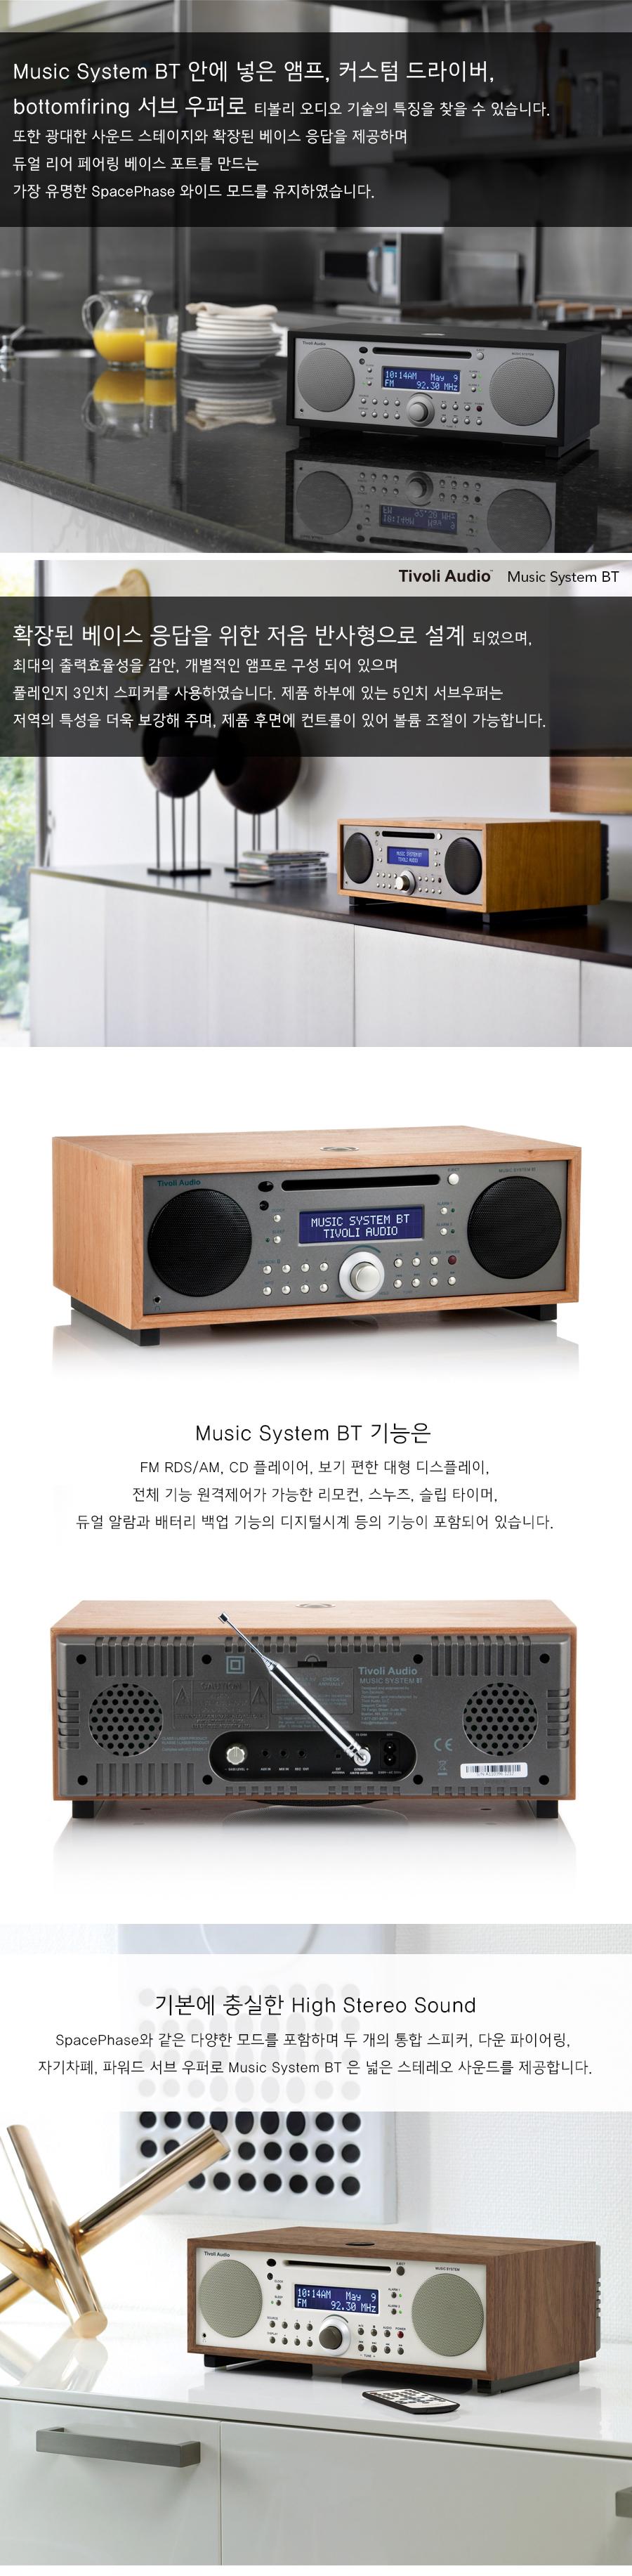 MusicBTCH_3.jpg